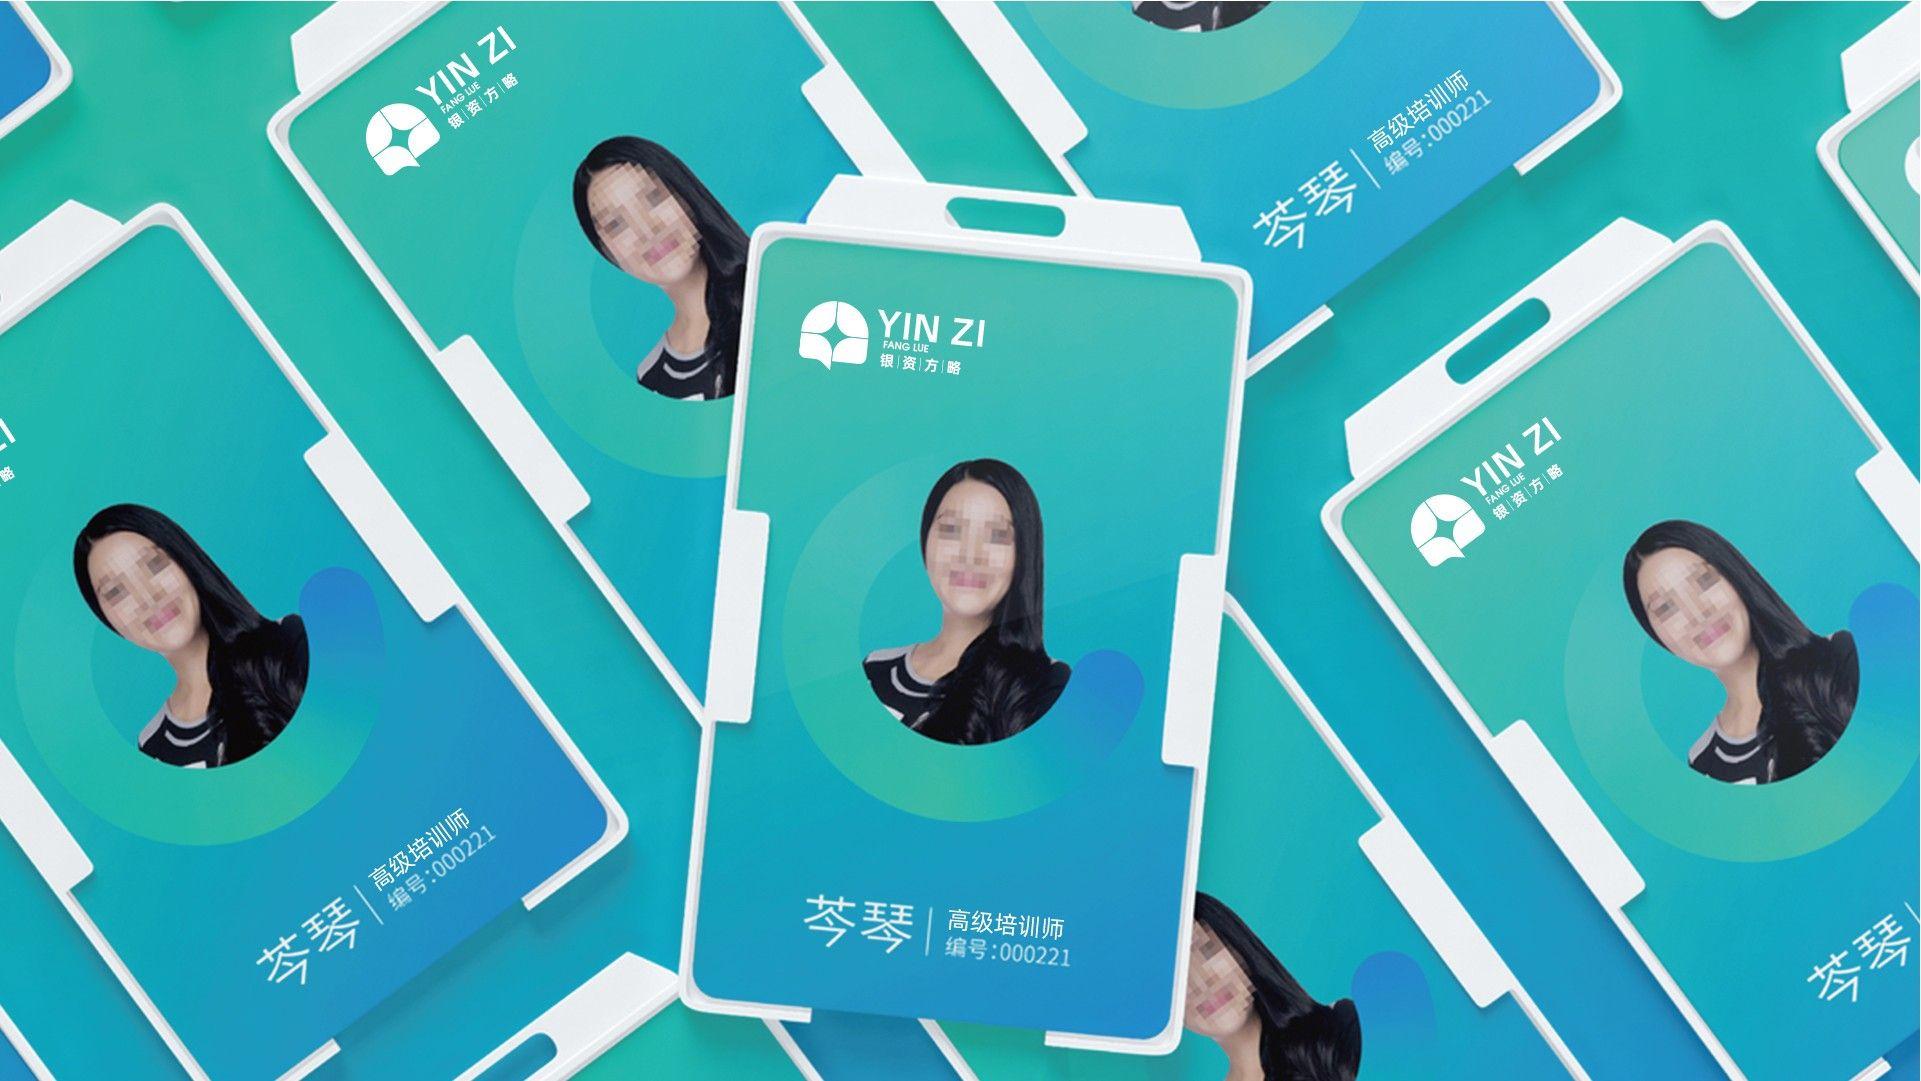 银资方略logo提案 飞特网 原创LOGO设计